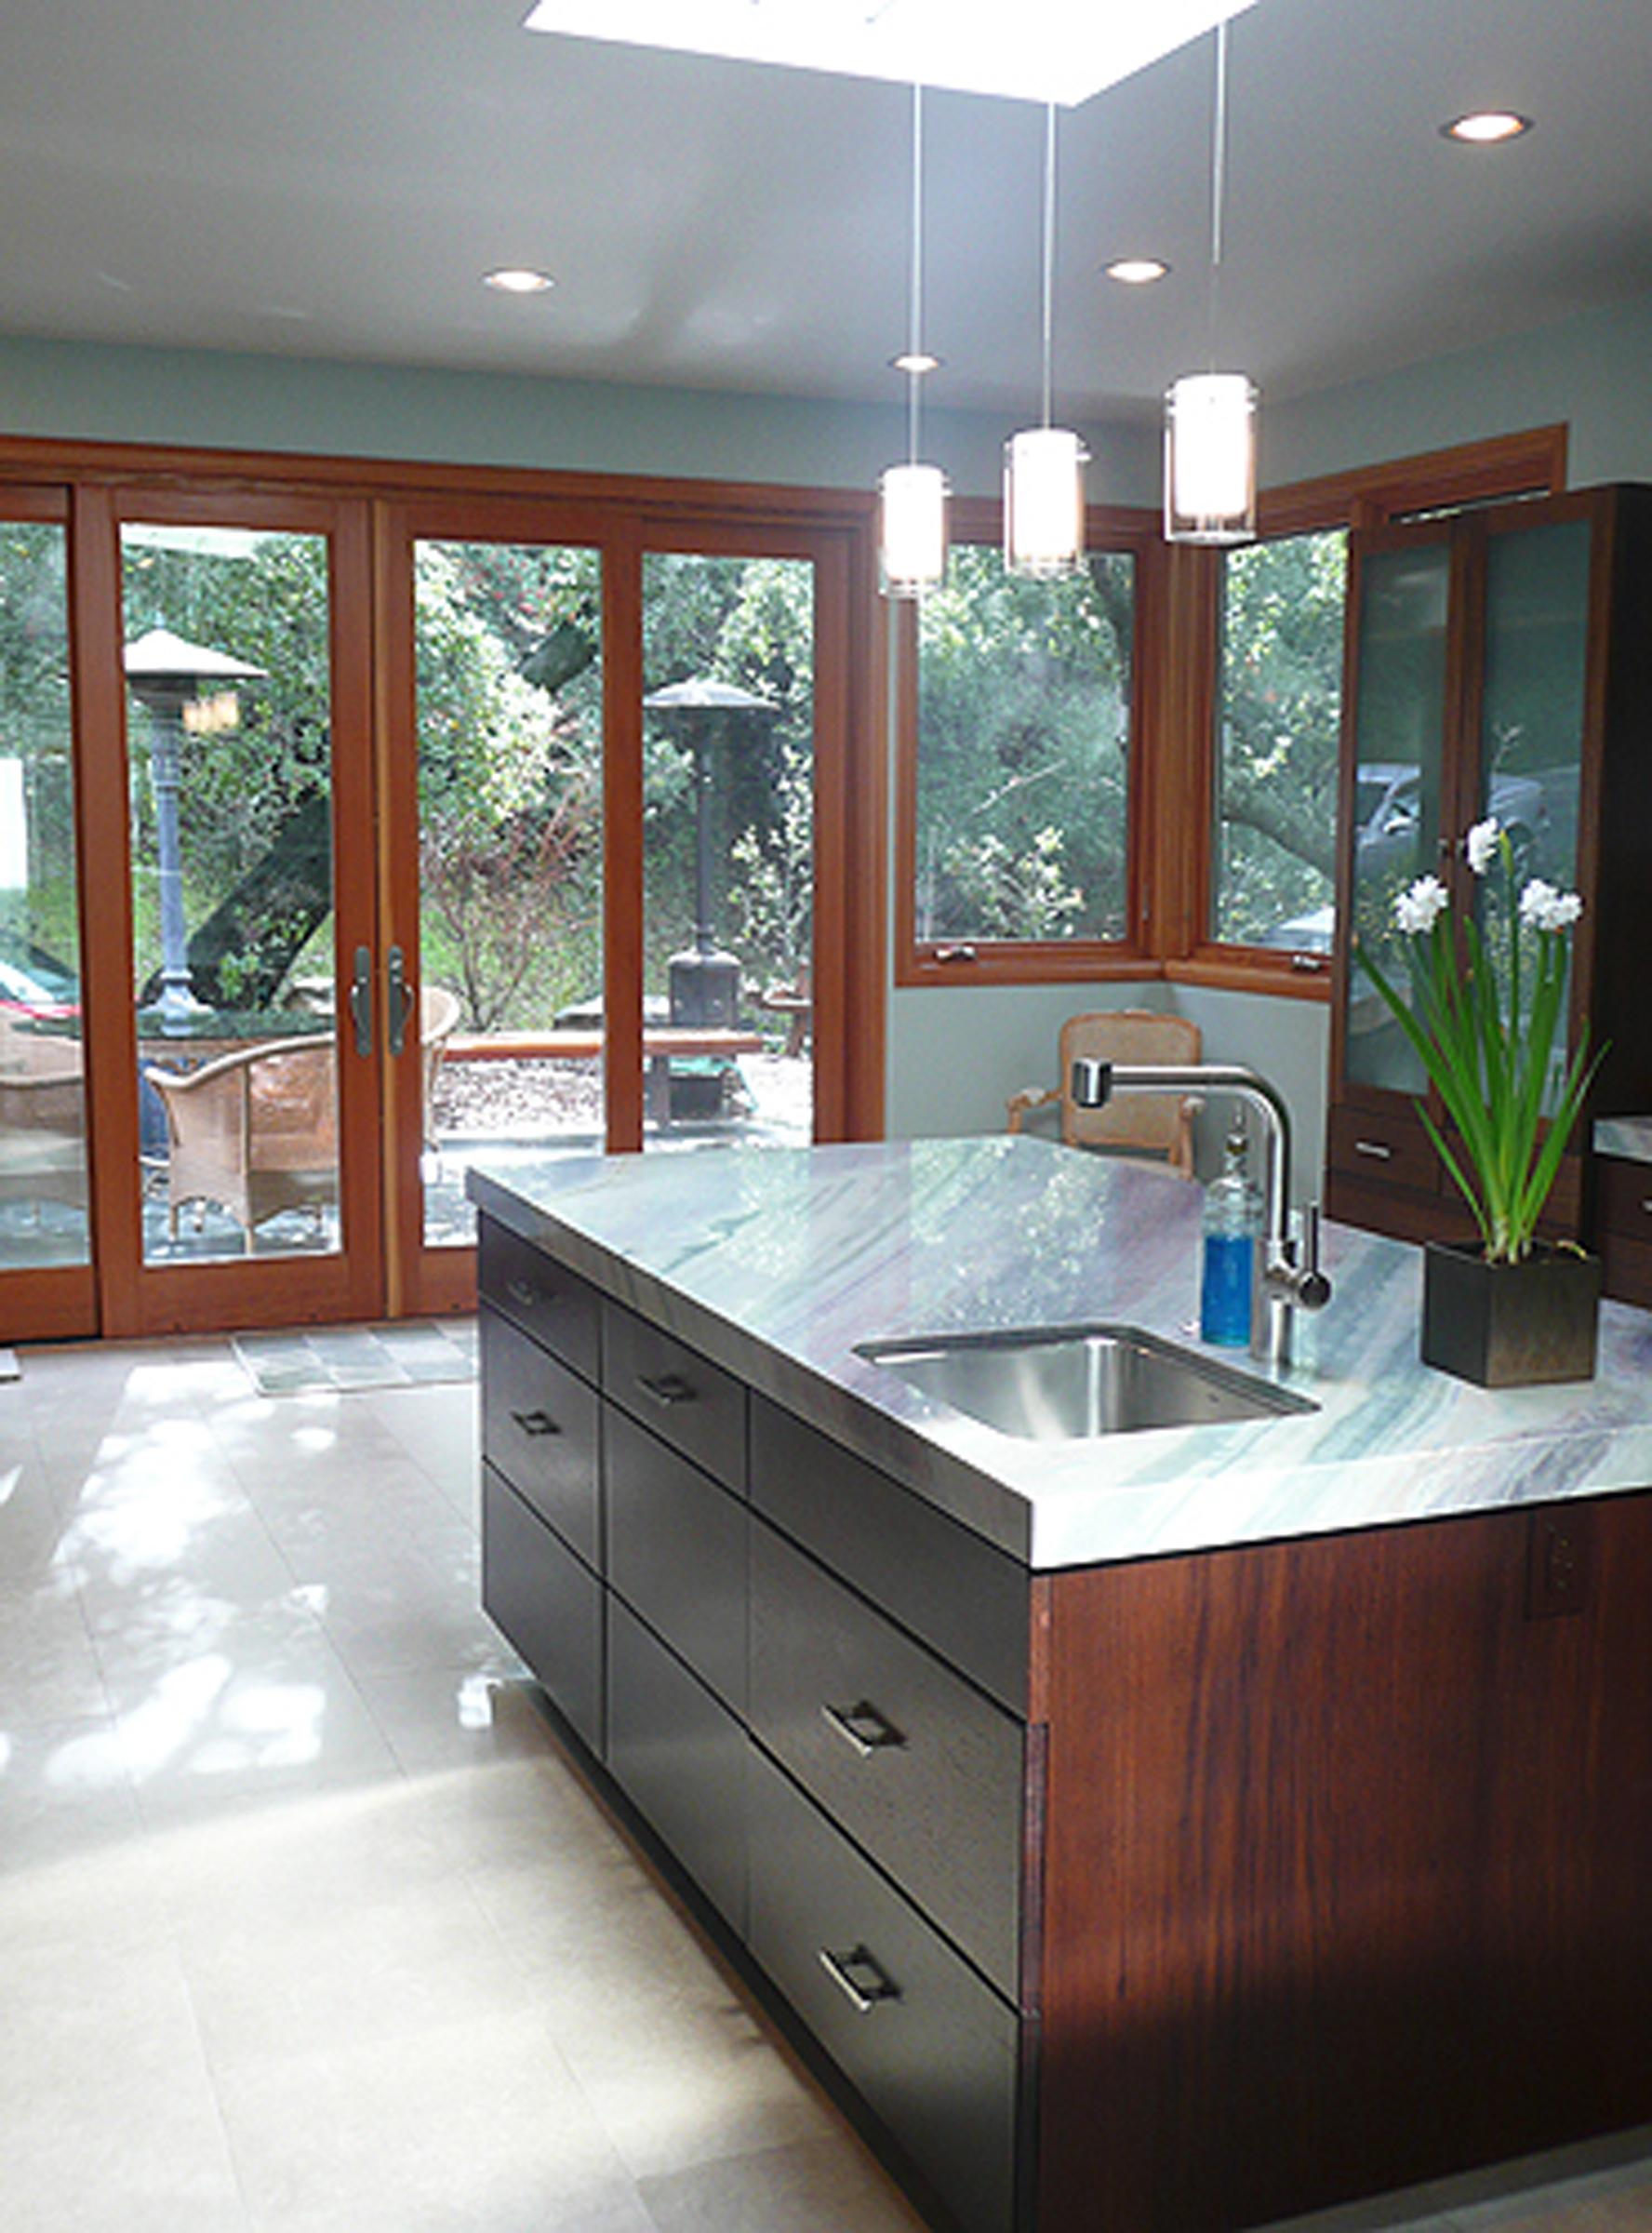 5 5 Siesta Kitchen 2 copy.jpg